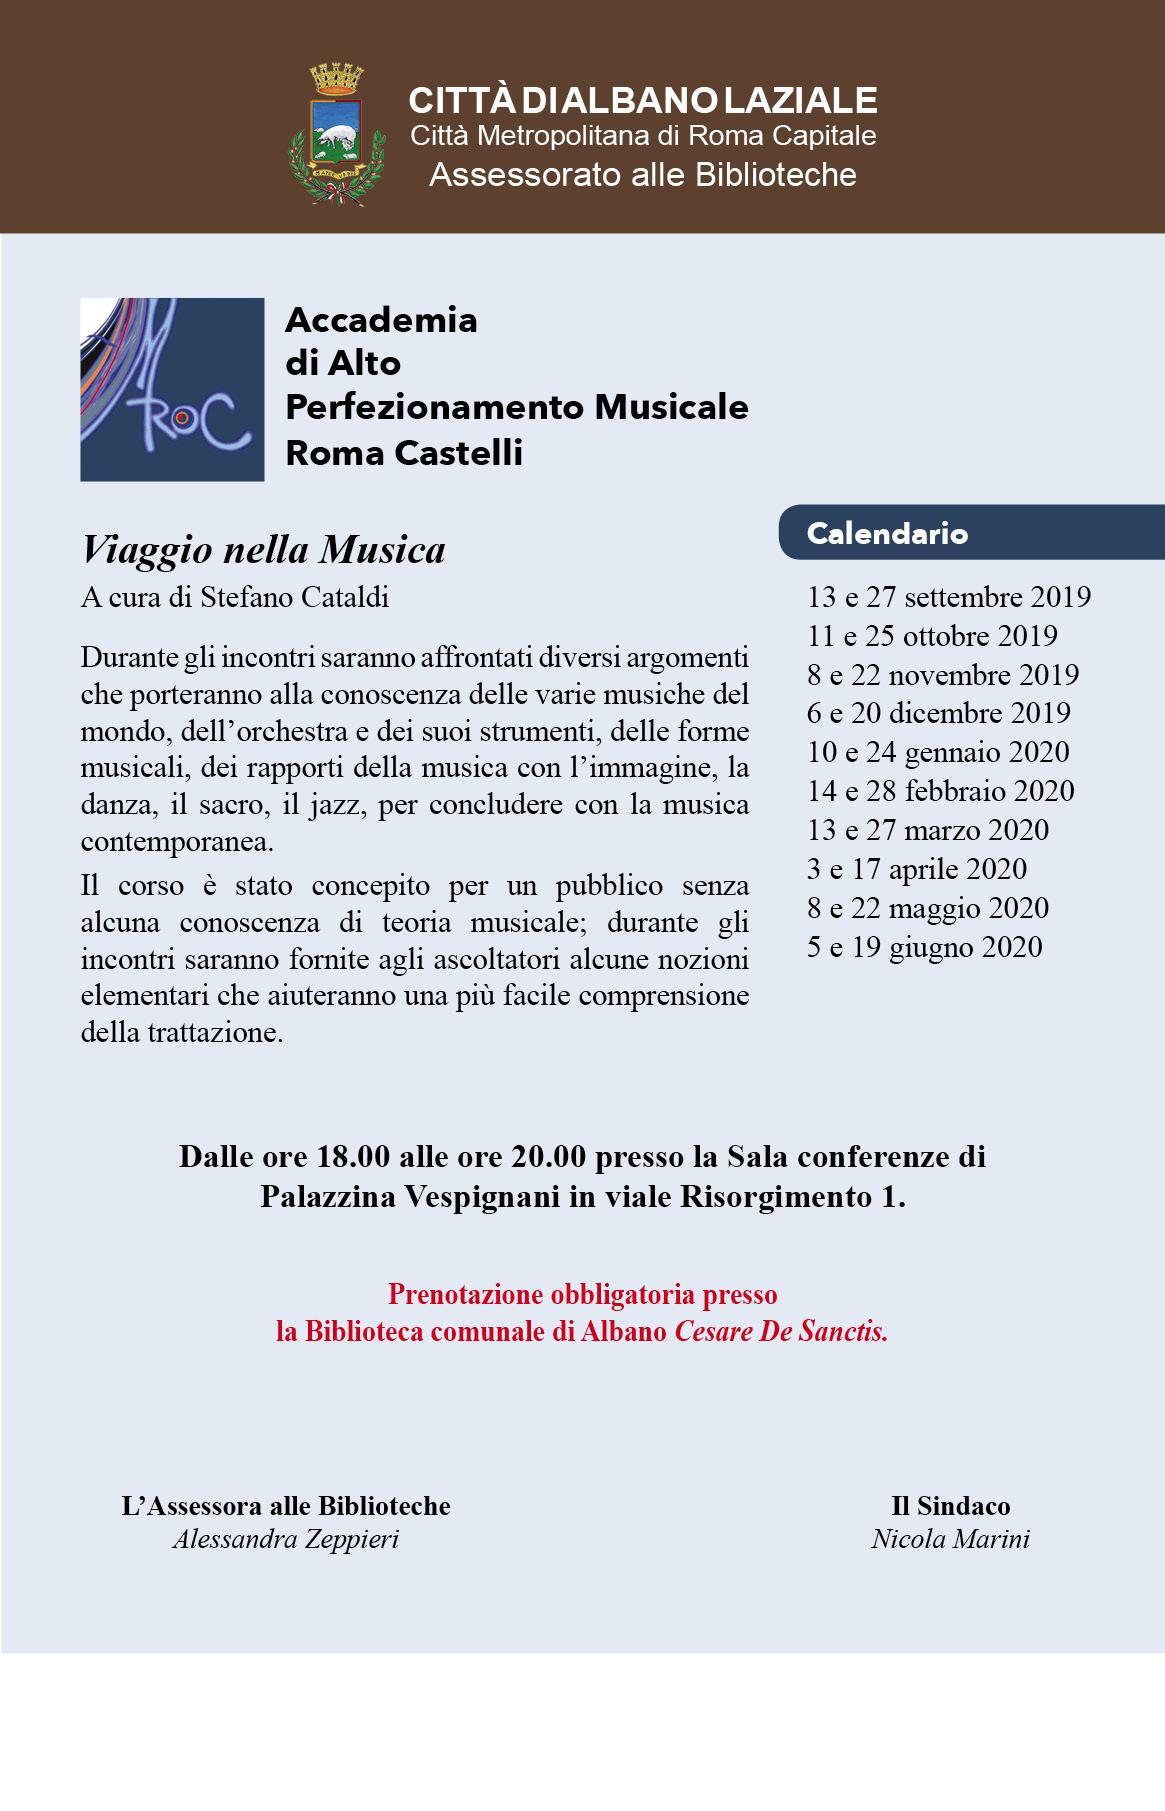 Calendario Allergie 2020.Accademia Di Alto Perfezionamento Musicale Roma Castelli